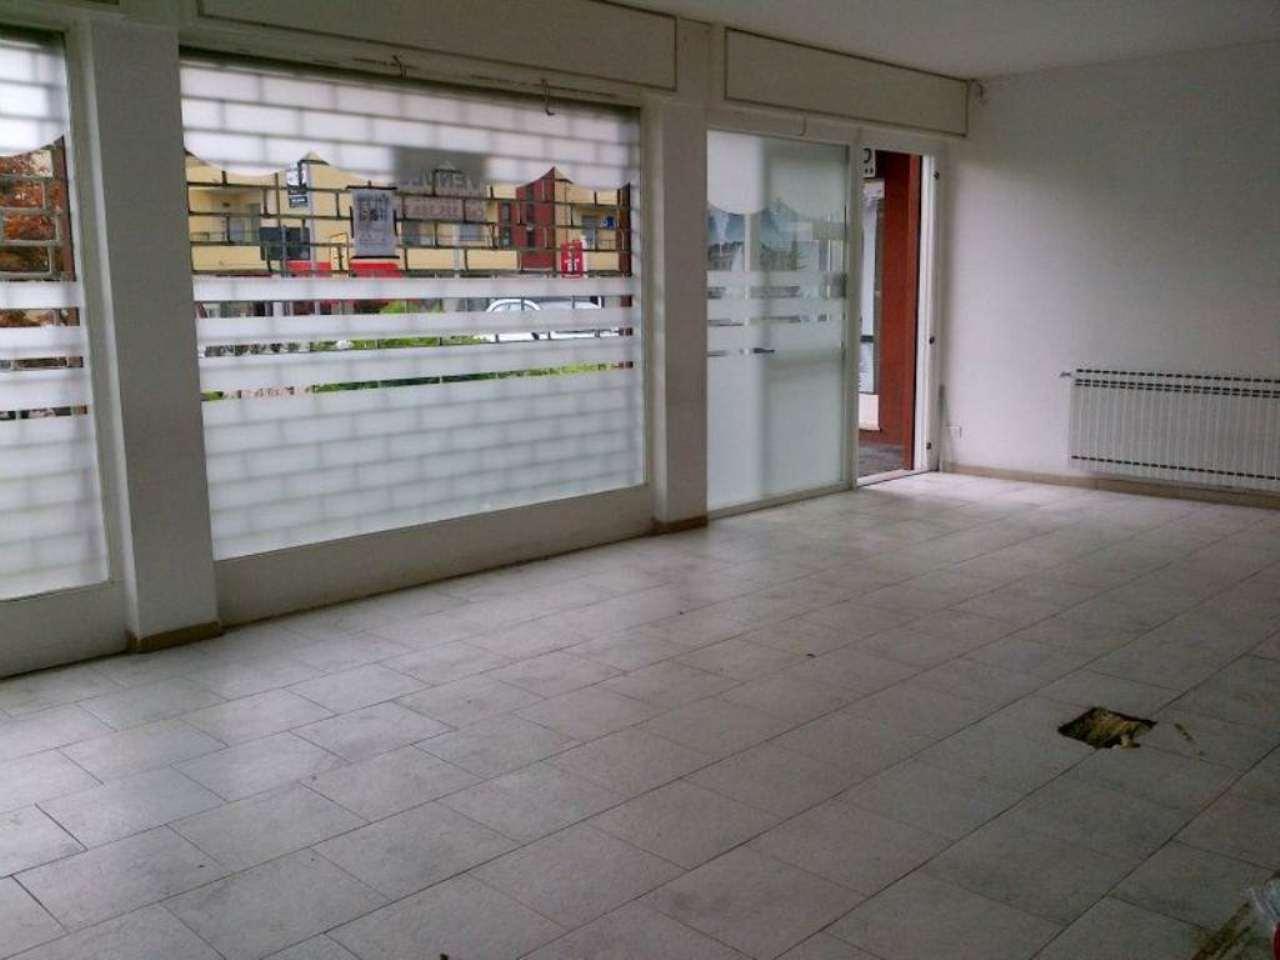 Negozio / Locale in vendita a Villa Guardia, 1 locali, prezzo € 160.000 | CambioCasa.it